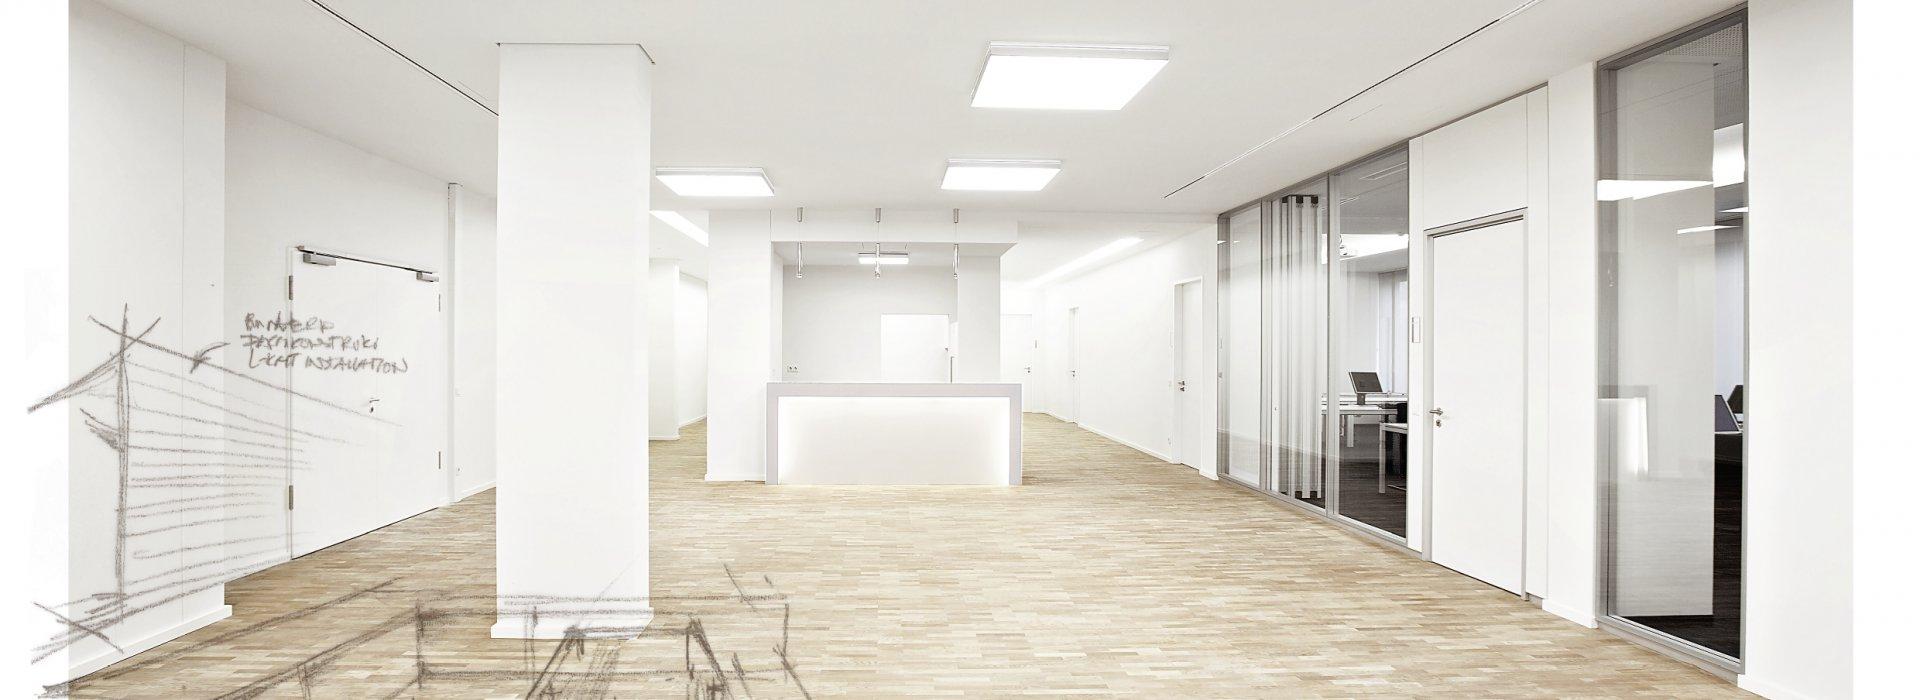 Büromöbel kaufen in München - S+W BüroRaumKultur GmbH